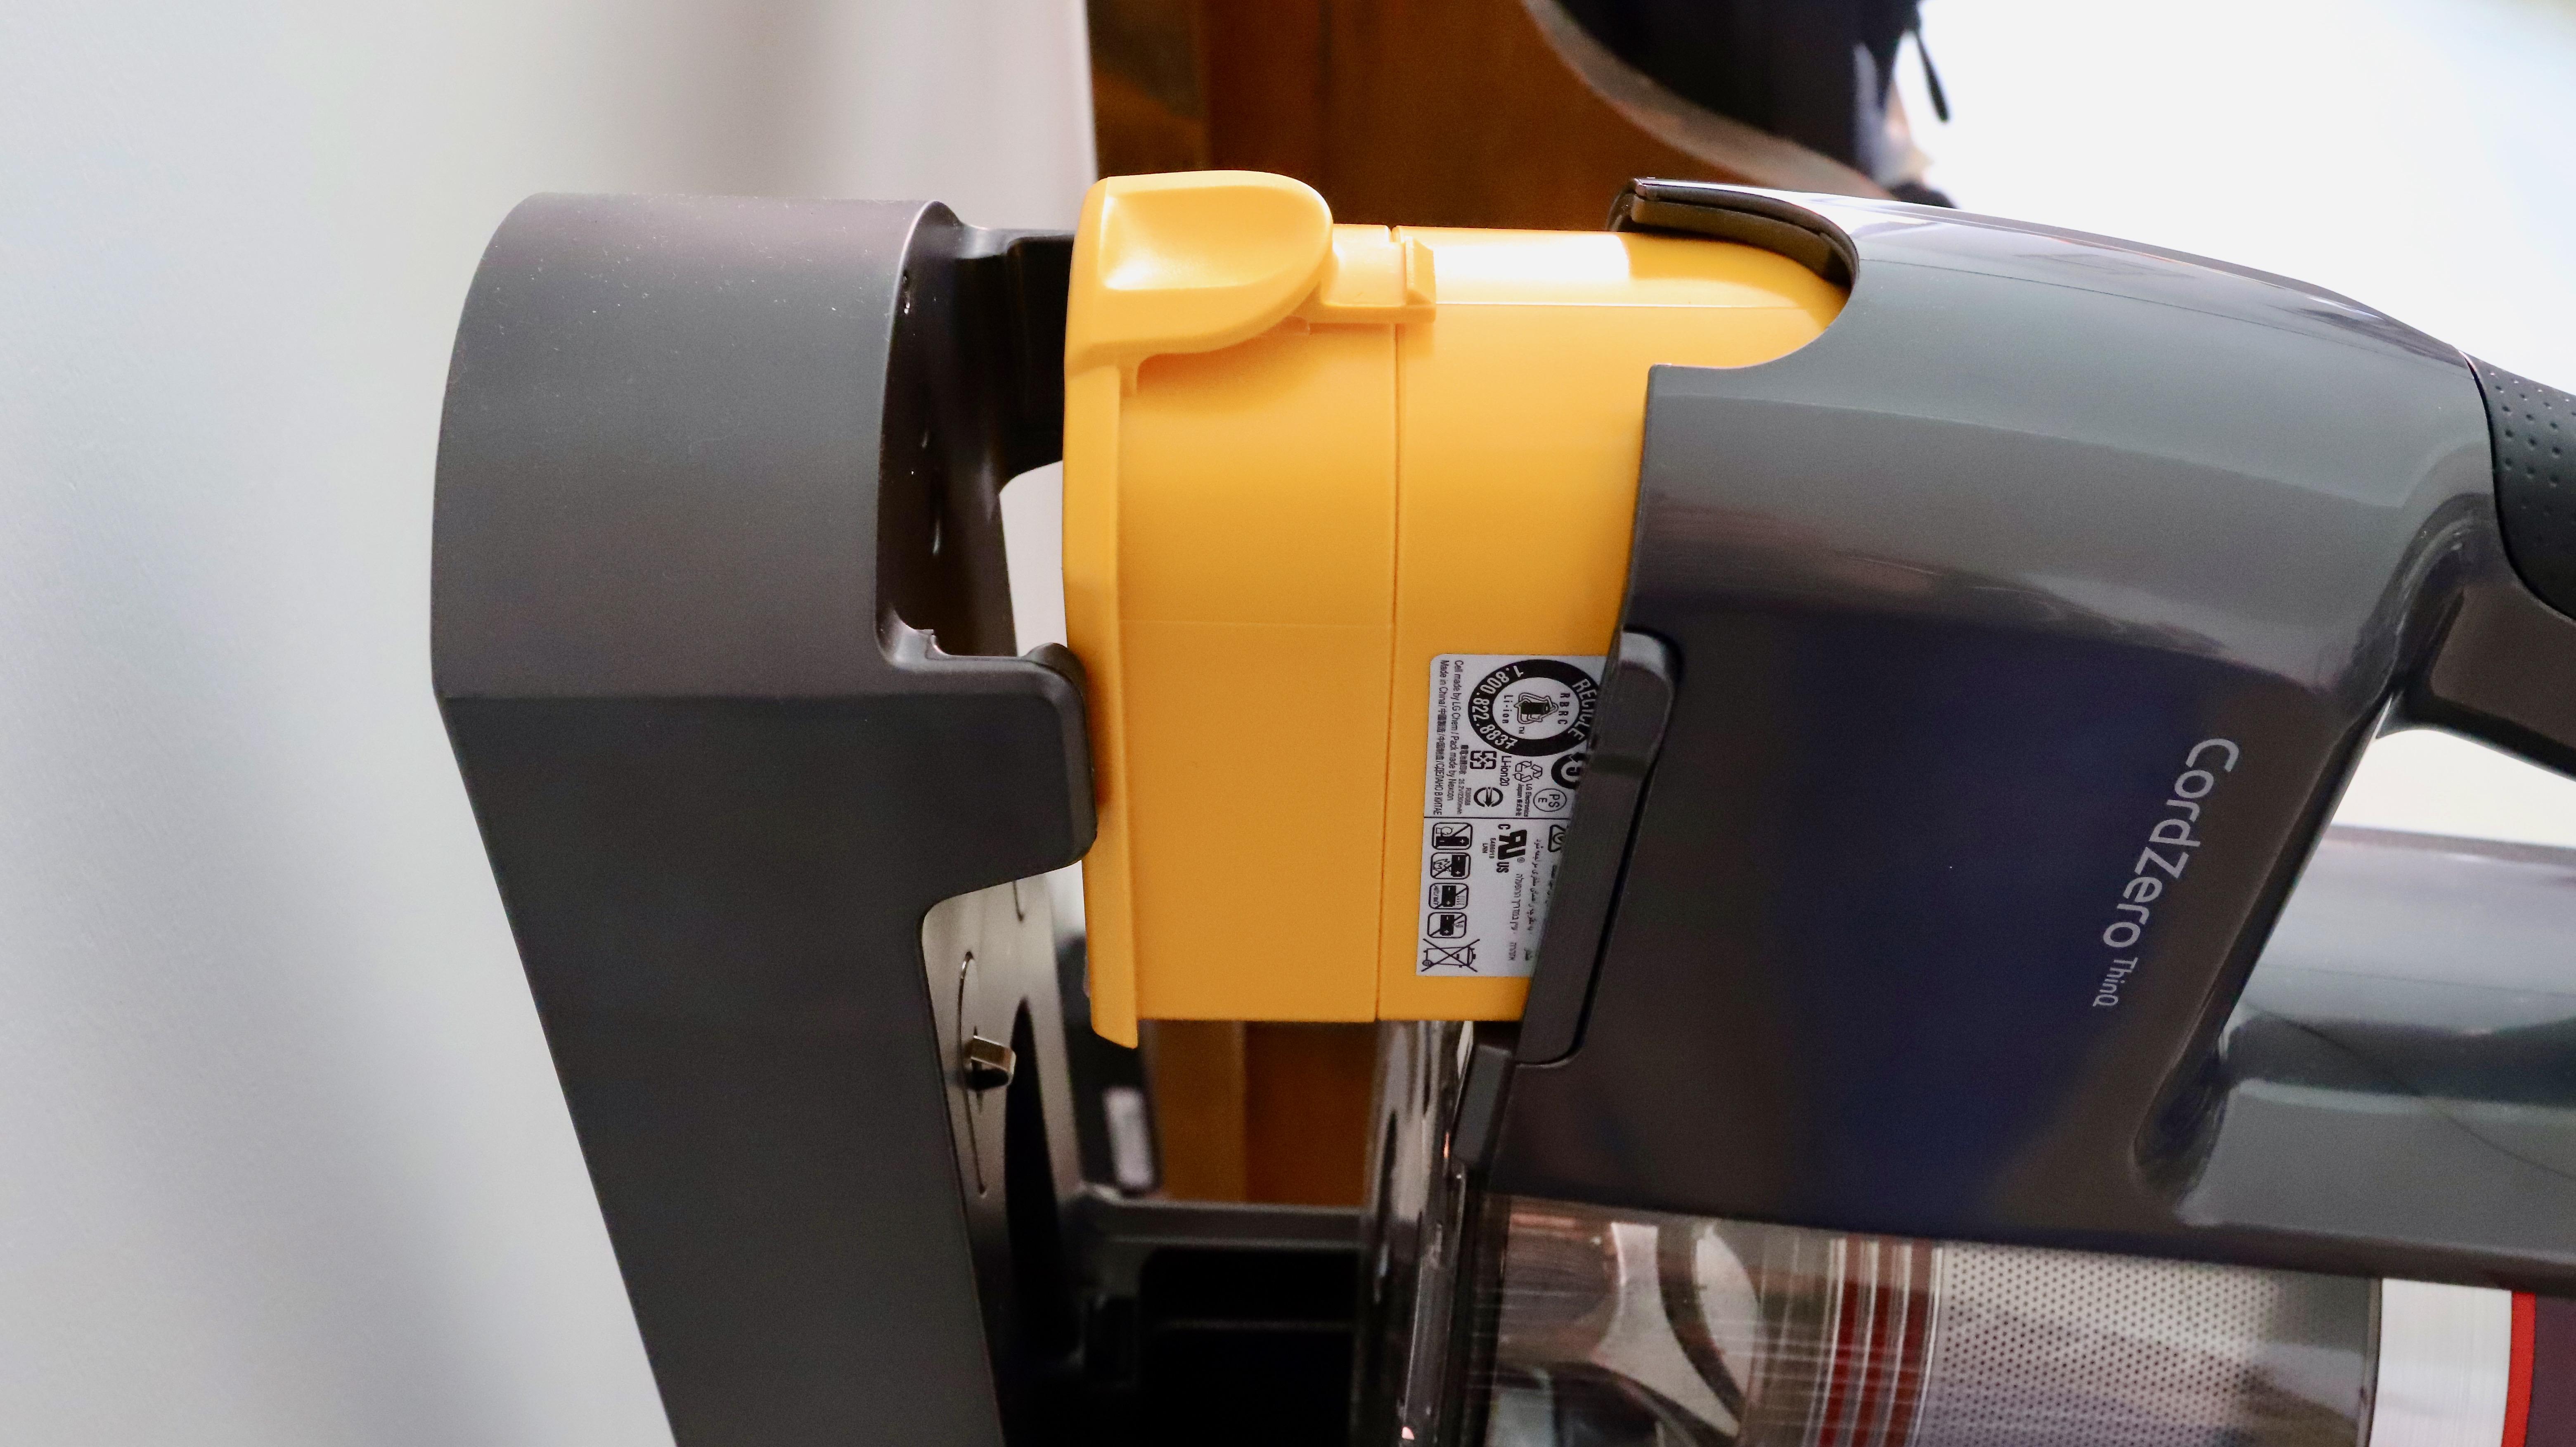 LG CordZero A9 Kompressor handstick vacuum mop